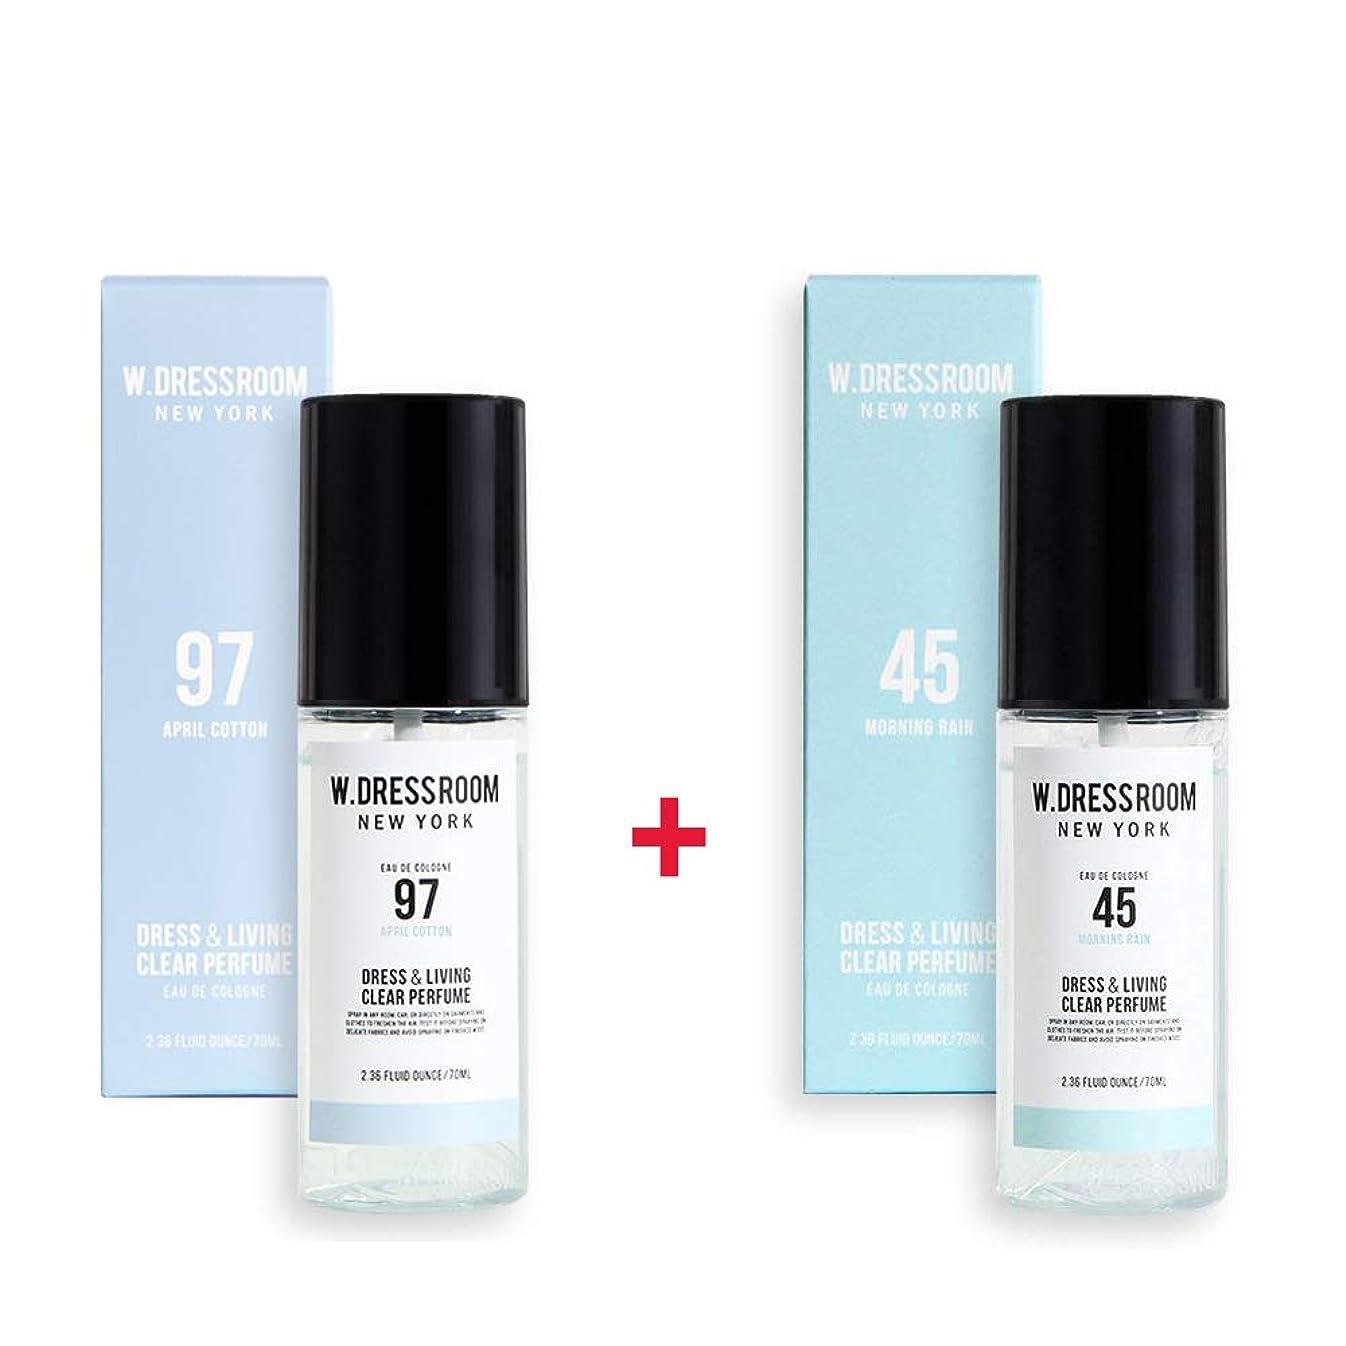 形状くさび豊富にW.DRESSROOM Dress & Living Clear Perfume 70ml (No 97 April Cotton)+(No 45 Morning Rain)